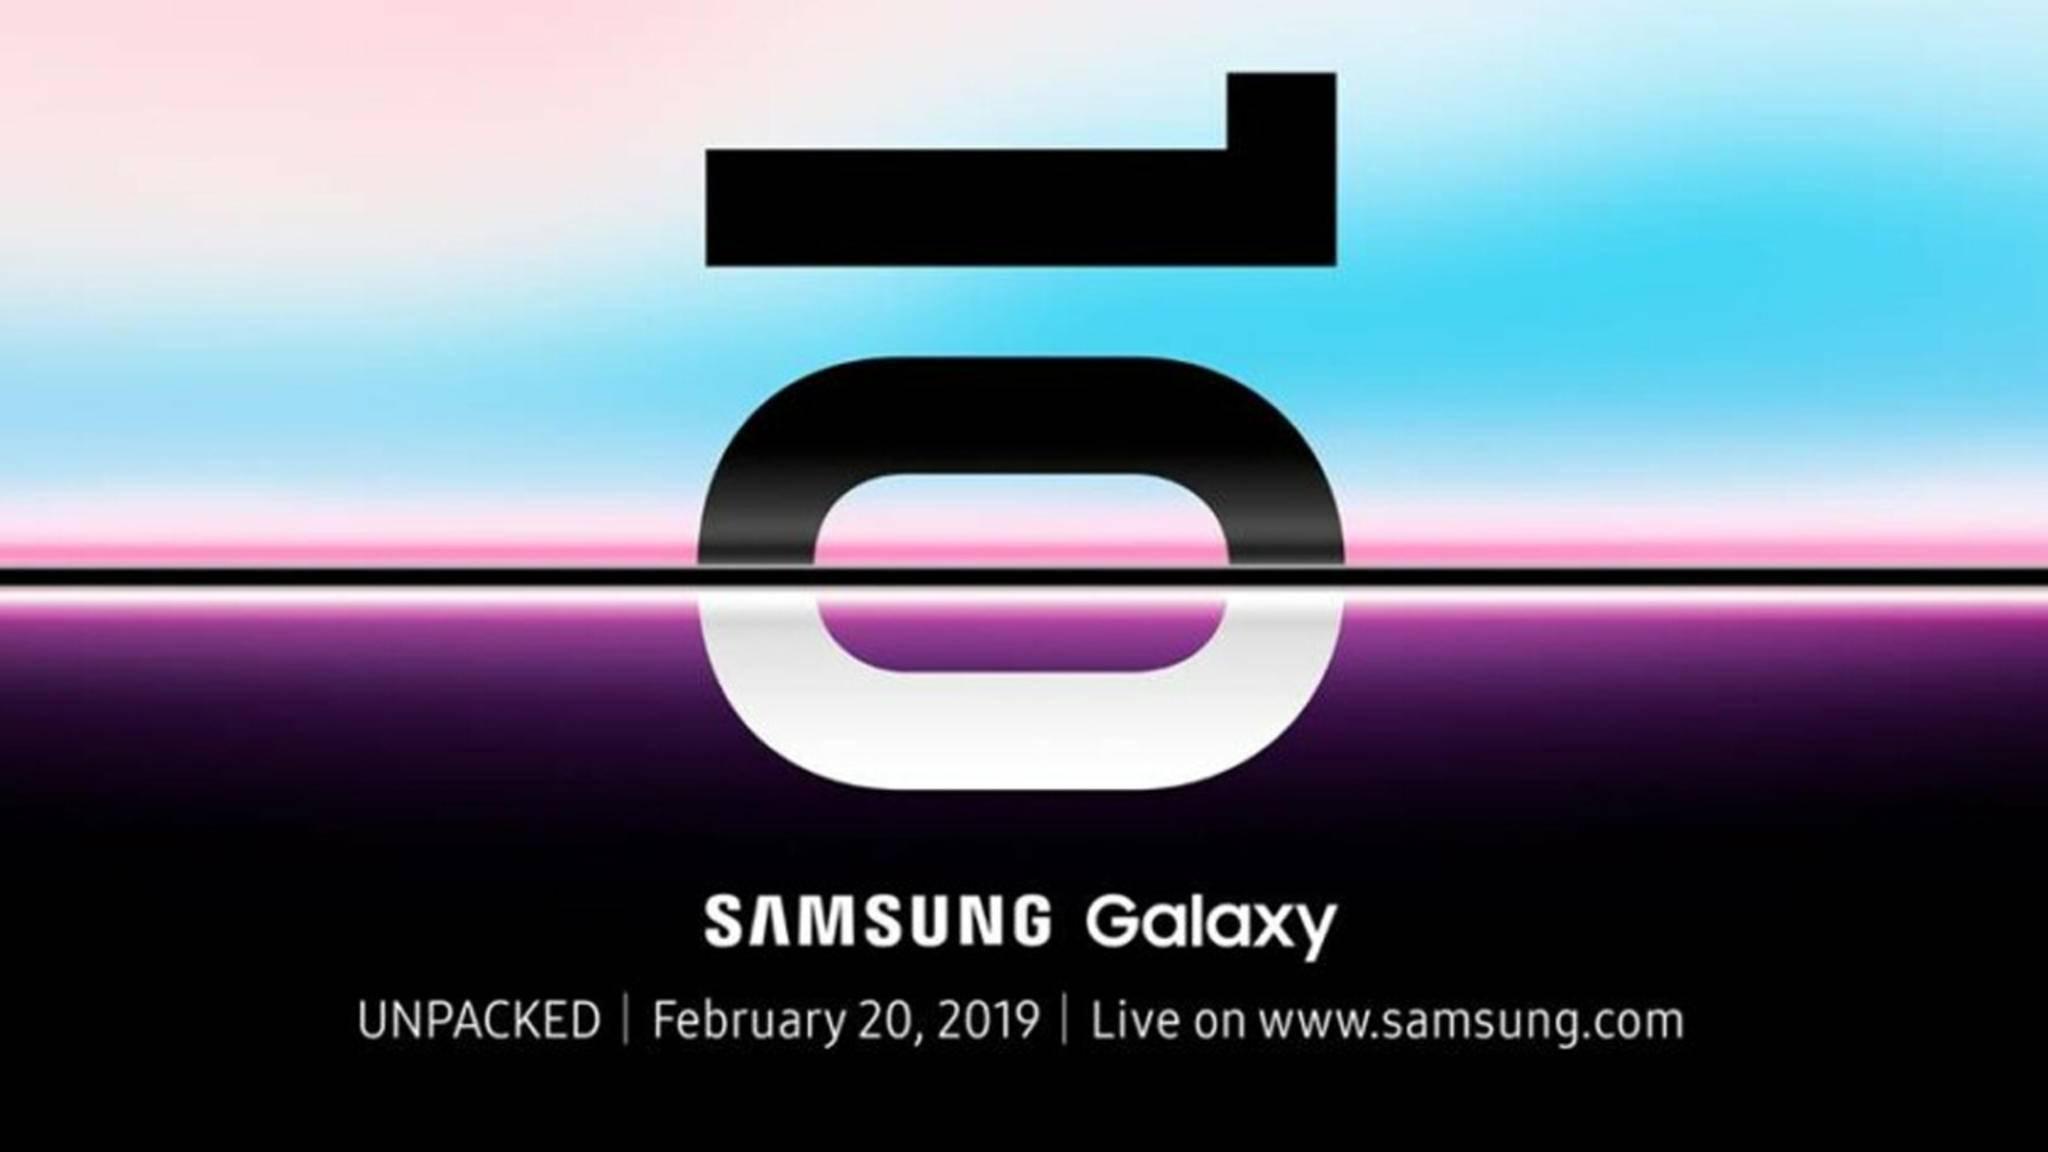 Am 20. Februar wird das Galaxy S10 präsentiert. Und was noch?